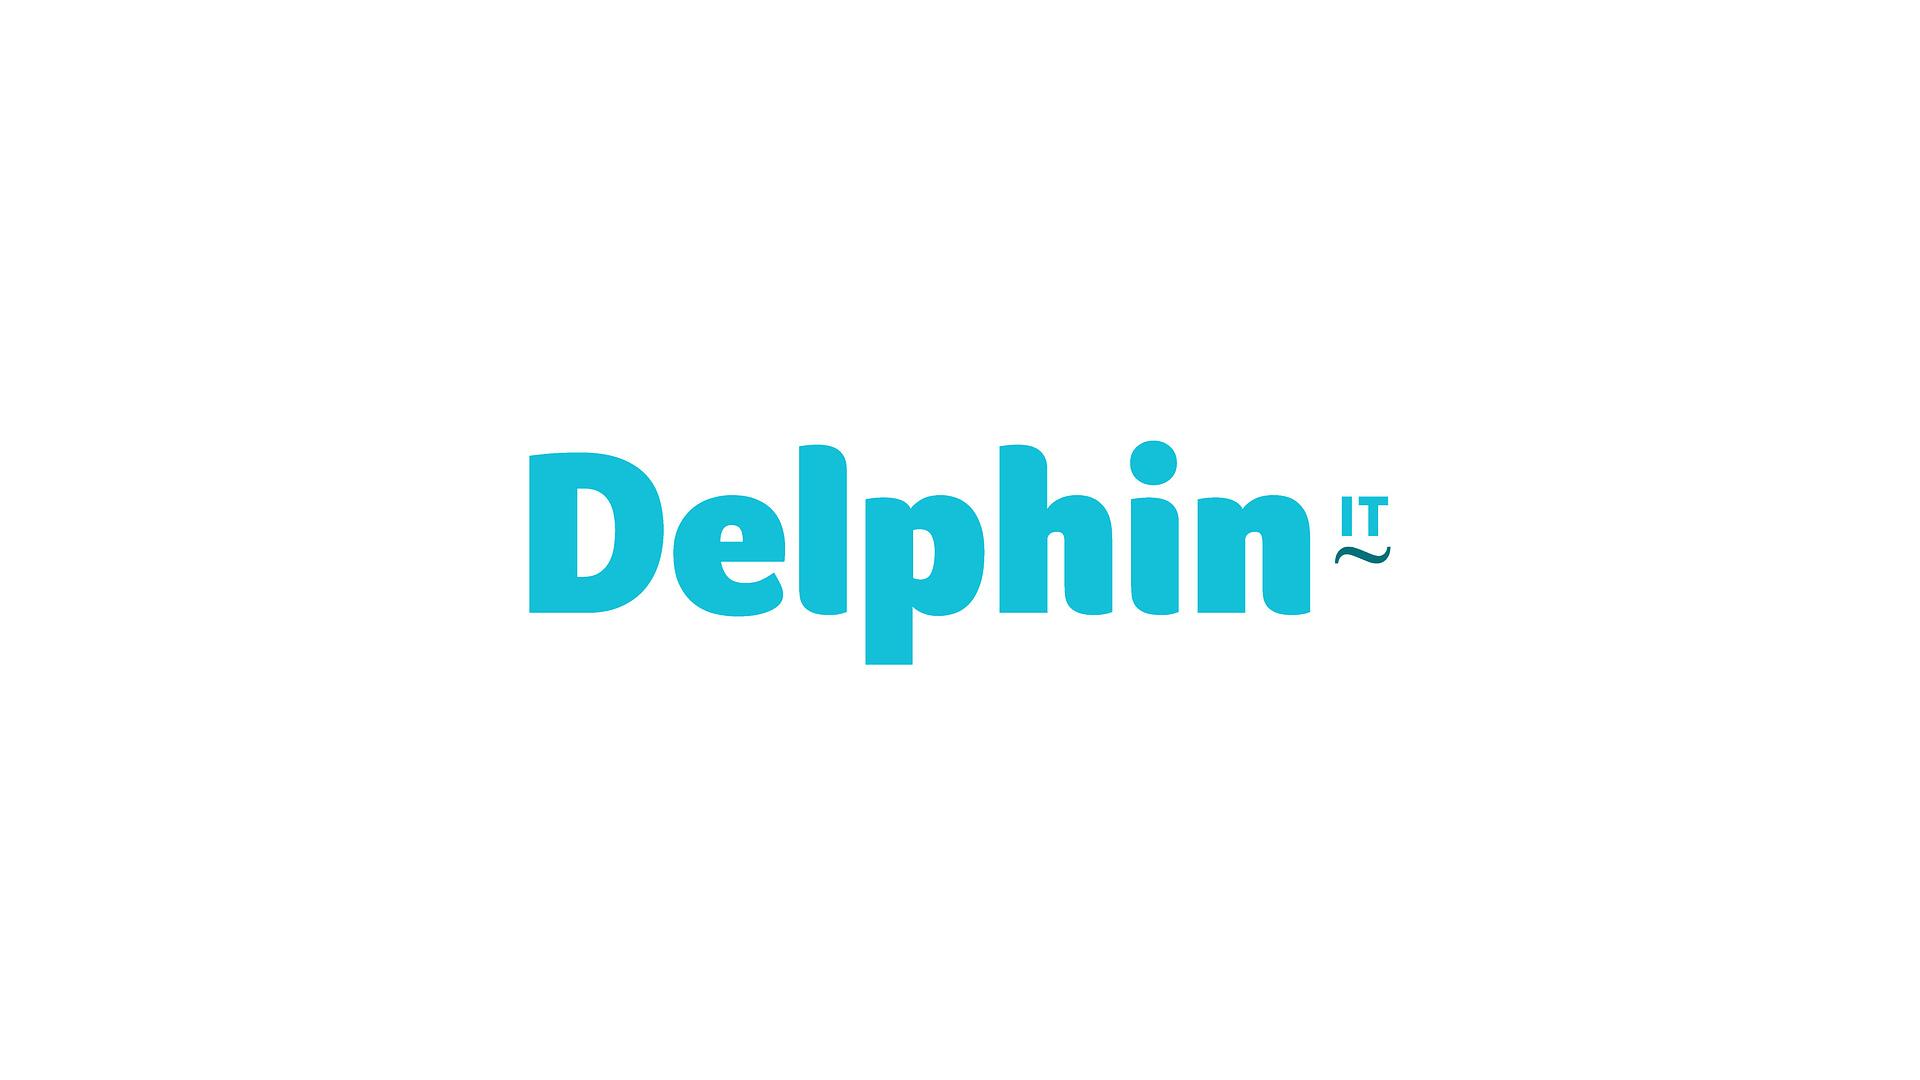 Delphin IT logo